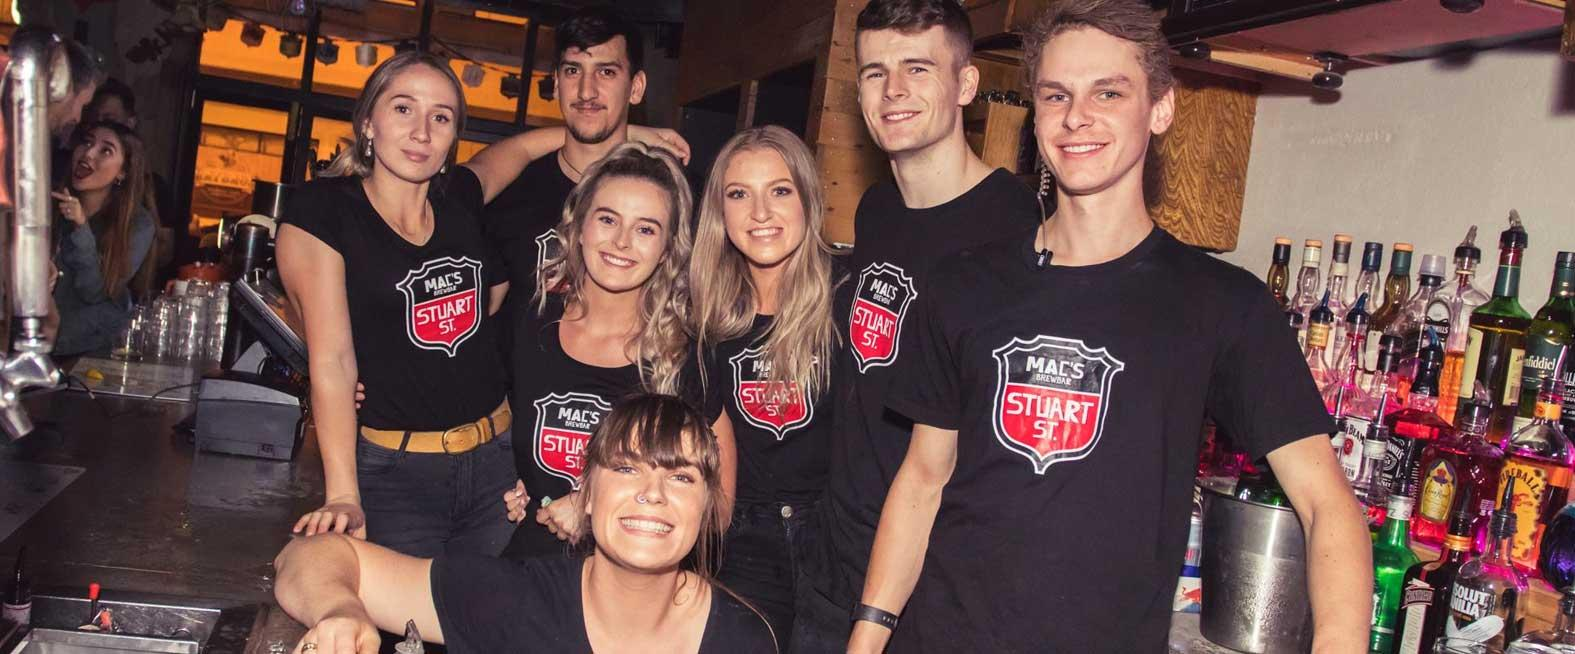 Stuart St Mac's Brew Bar